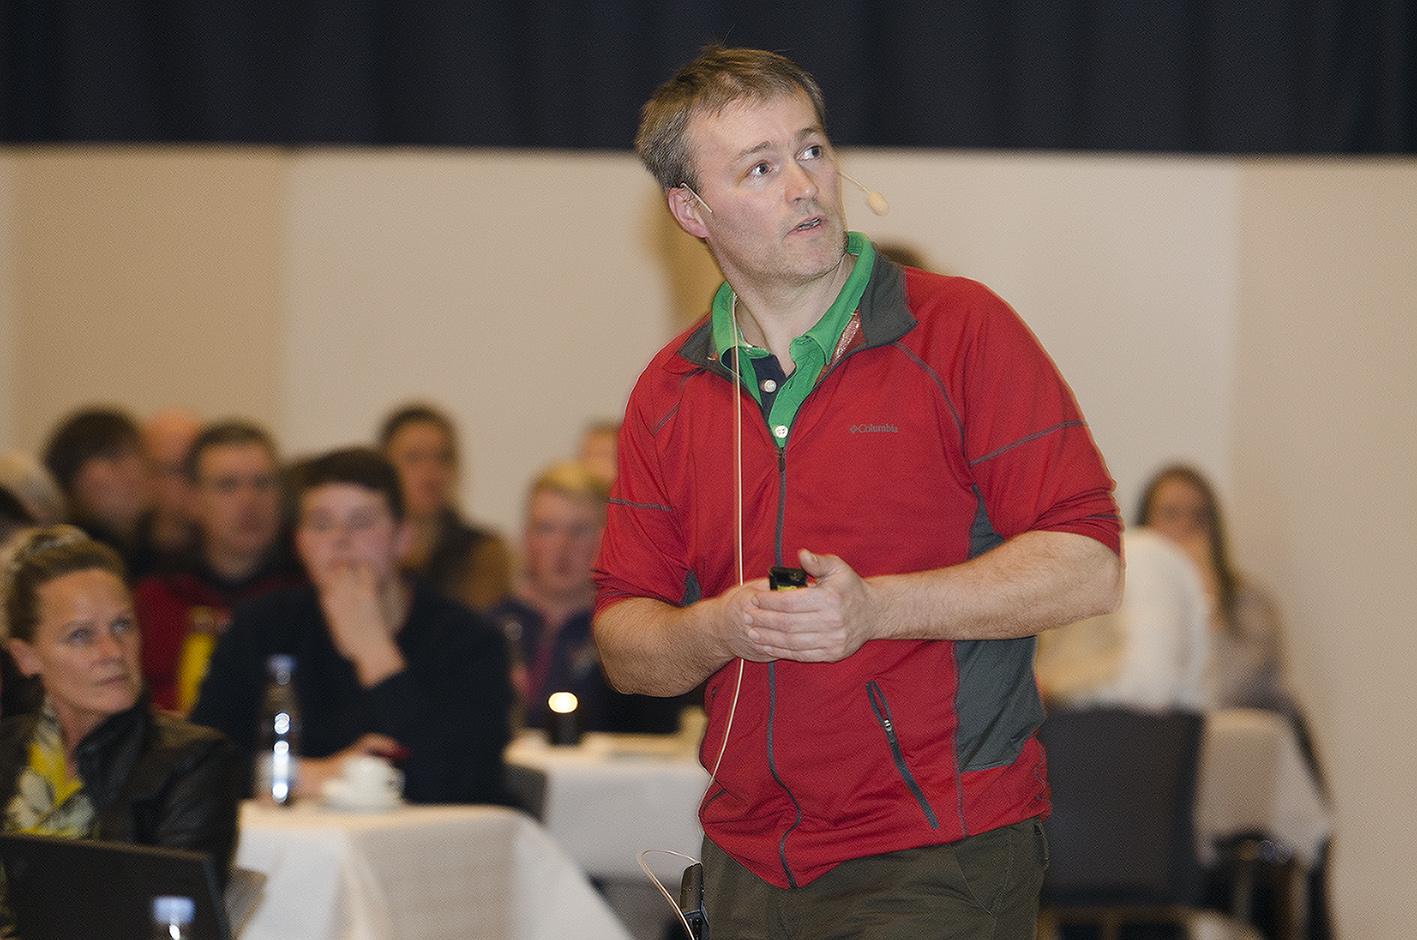 Vi ved alt for lidt, konkluderede forsikringsdyrlæge Niels Nyengaard ved det faglige informationsmøde om kvægsygdommen, som Vestjysk Landboforening afholdte onsdag aften. Fotos: Anita Corpas